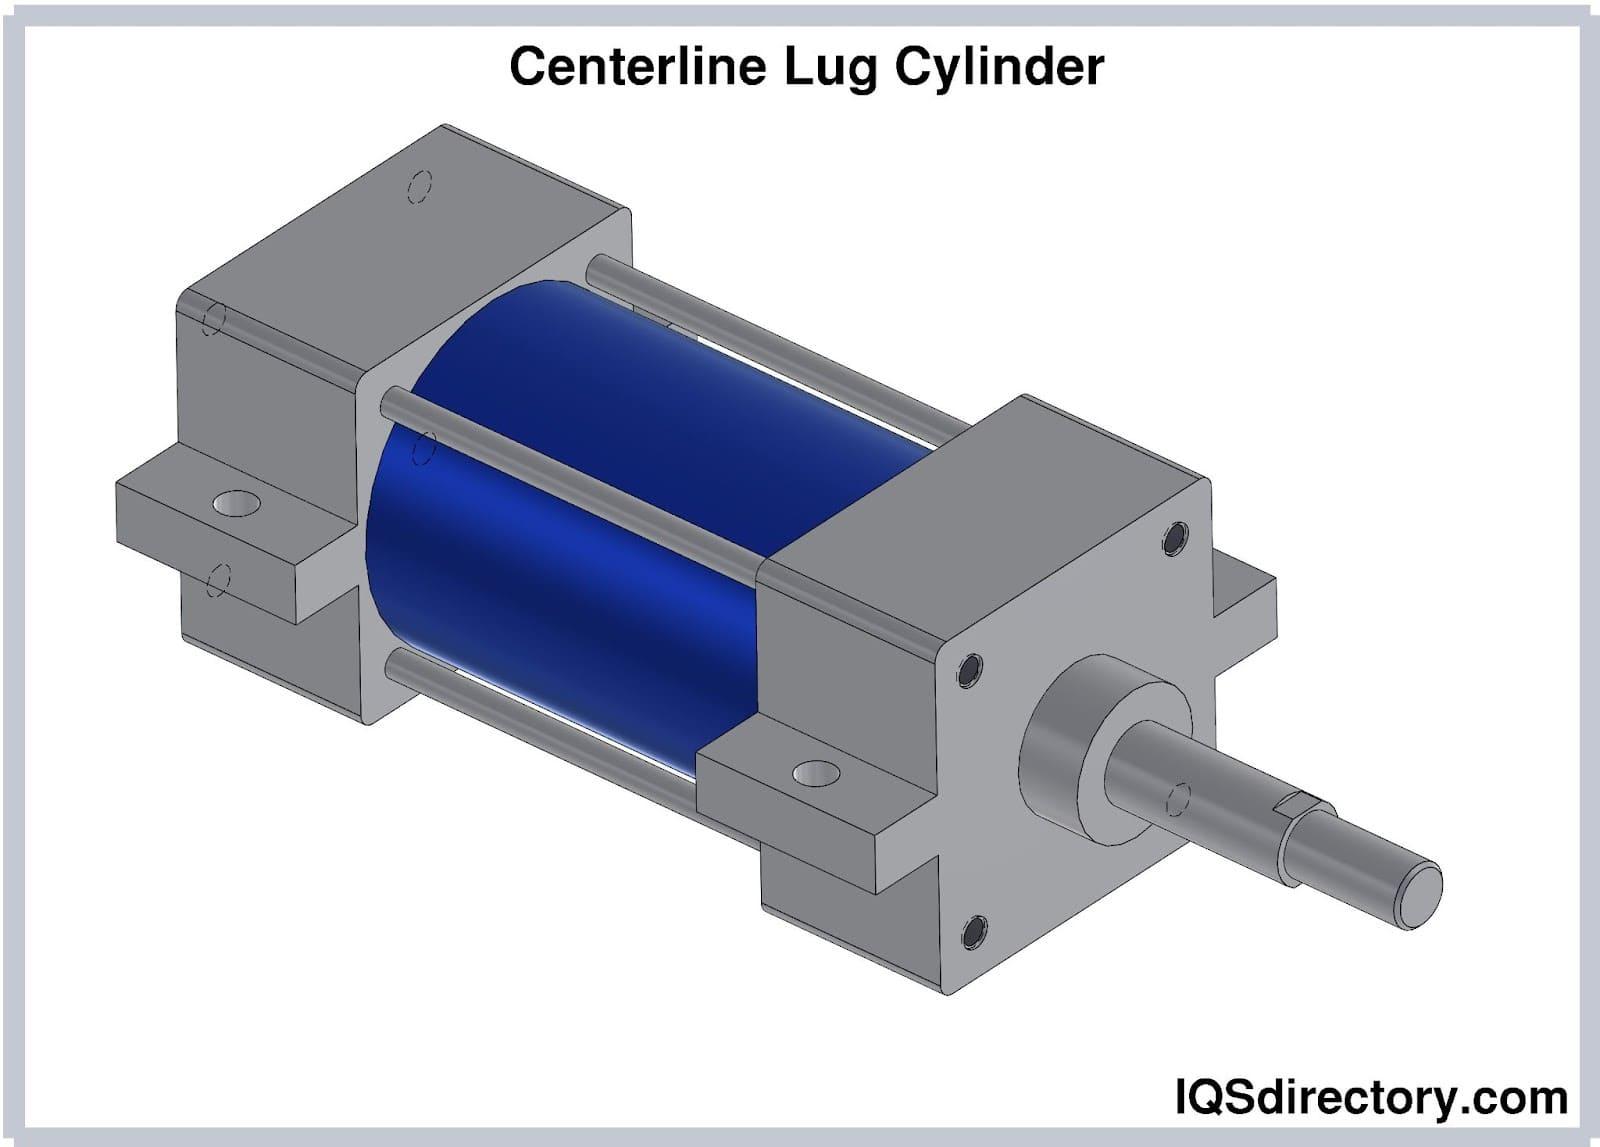 Centerline Lug Cylinder